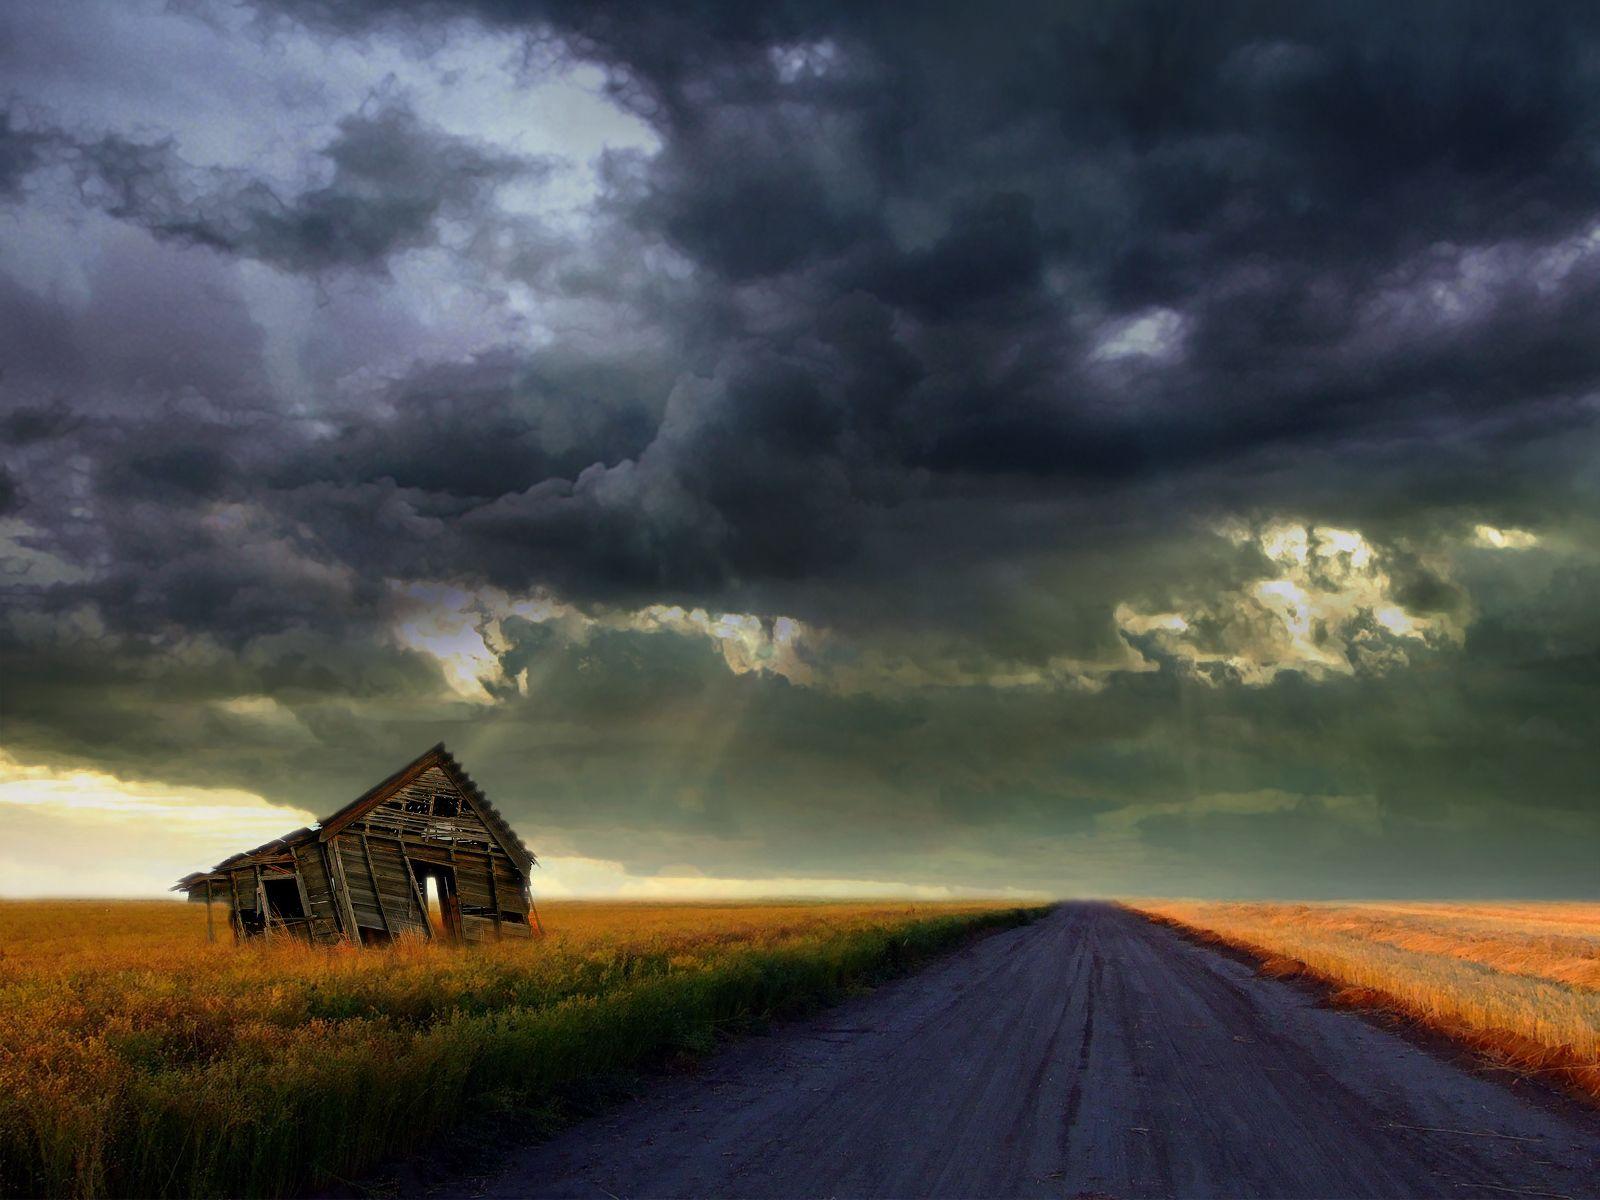 http://3.bp.blogspot.com/-XYJ8dosDLp8/TqmnbWQW8pI/AAAAAAAABsU/Vlc2bSVRBNo/s1600/scenery-wallpaper-pics-3.jpg